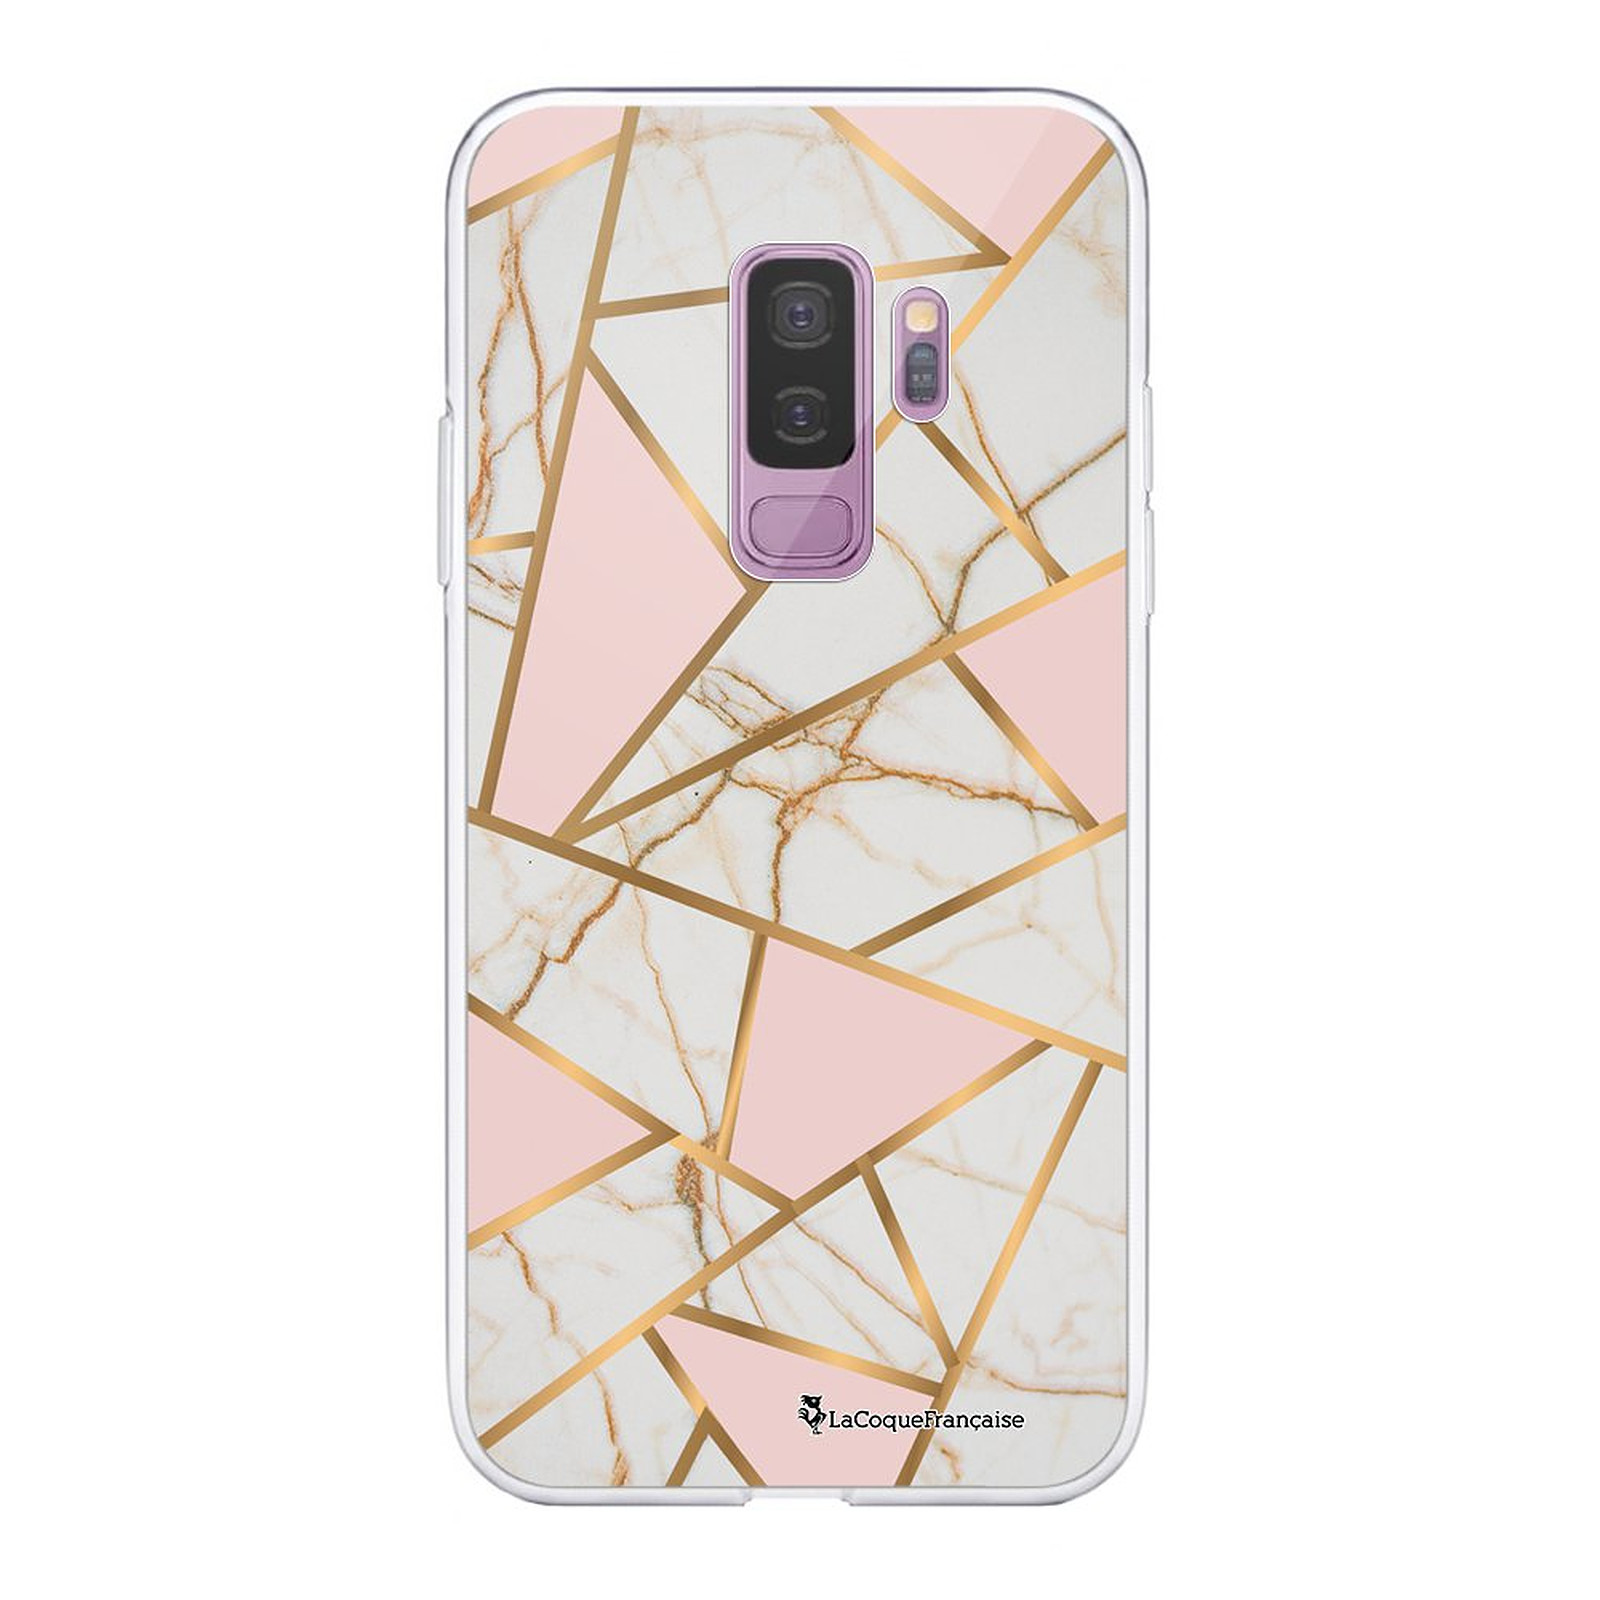 LA COQUE FRANCAISE Coque Samsung Galaxy S9 Plus 360 intégrale transparente Marbre Rose Tendance - Coque téléphone LaCoqueFrançaise sur LDLC